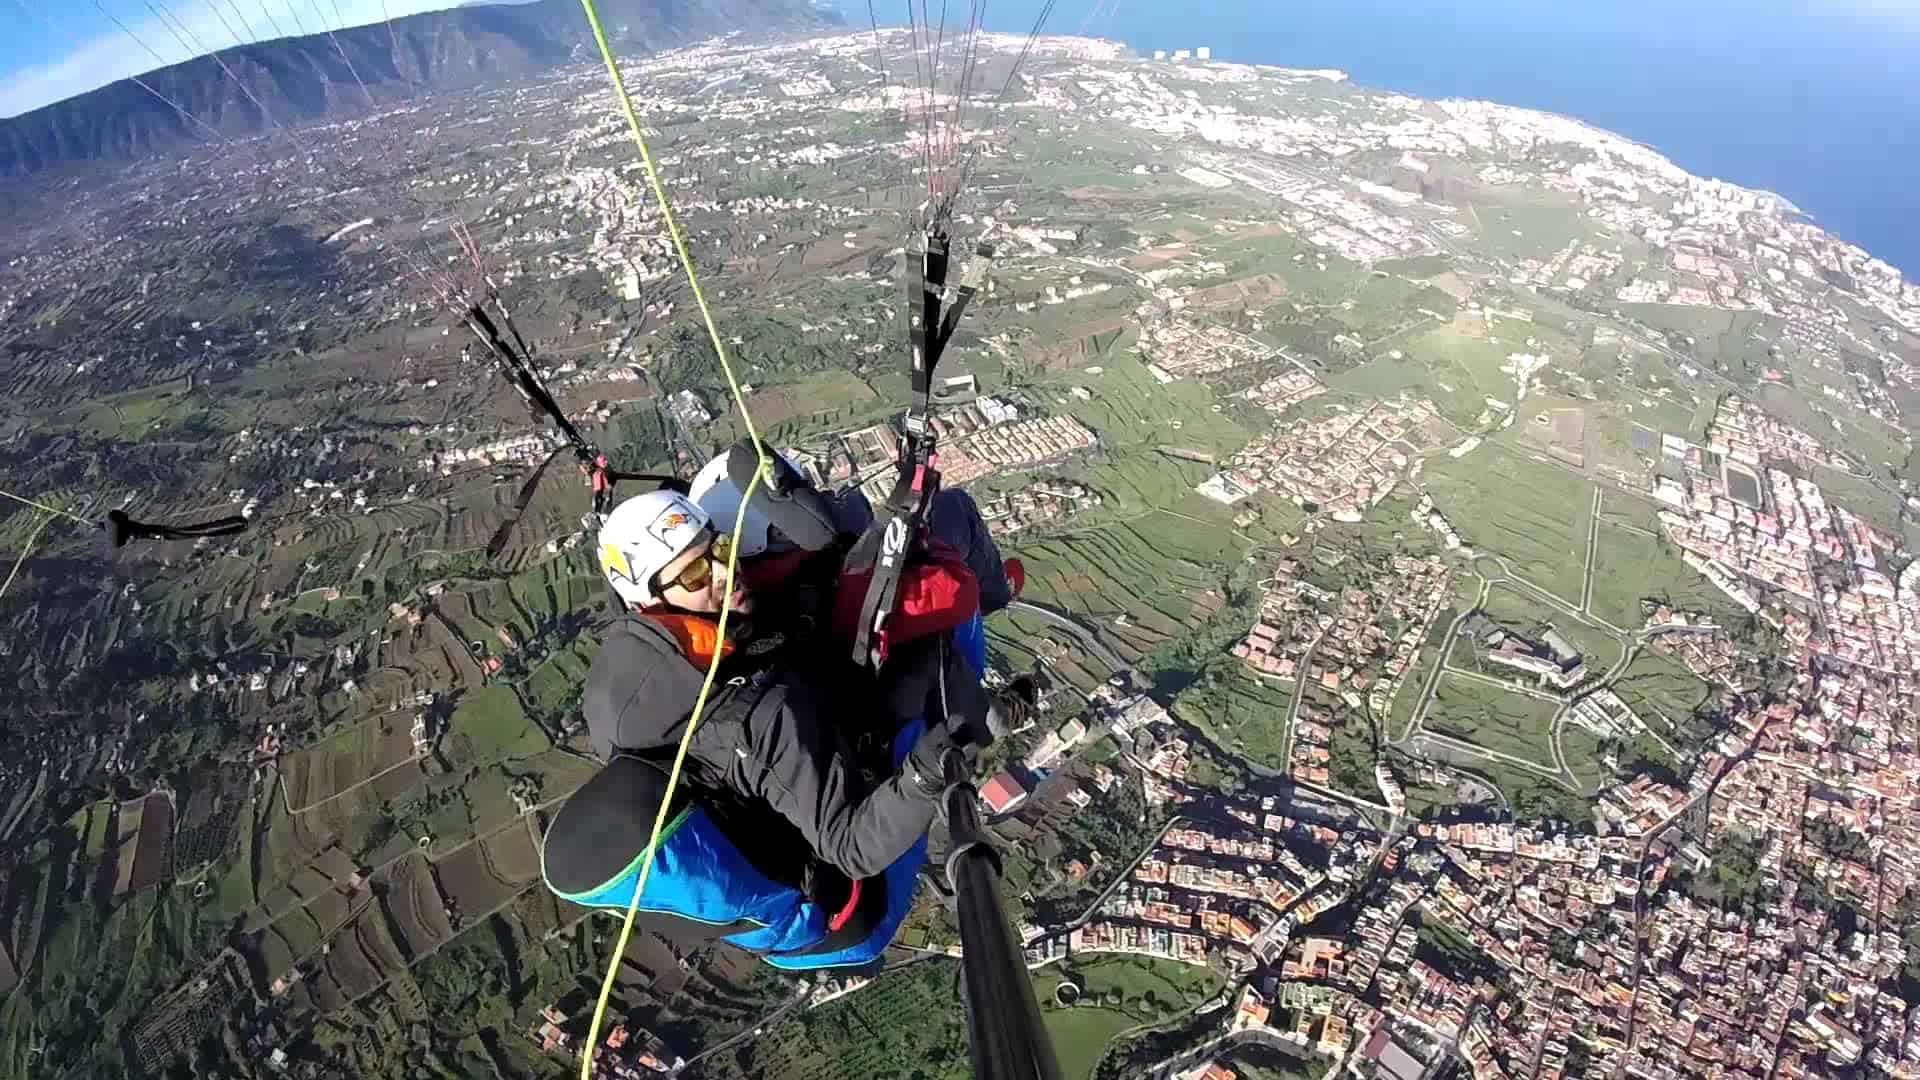 Conoce 5 sitios increíbles al viajar con tu billete barato low cost a Canarias. 5